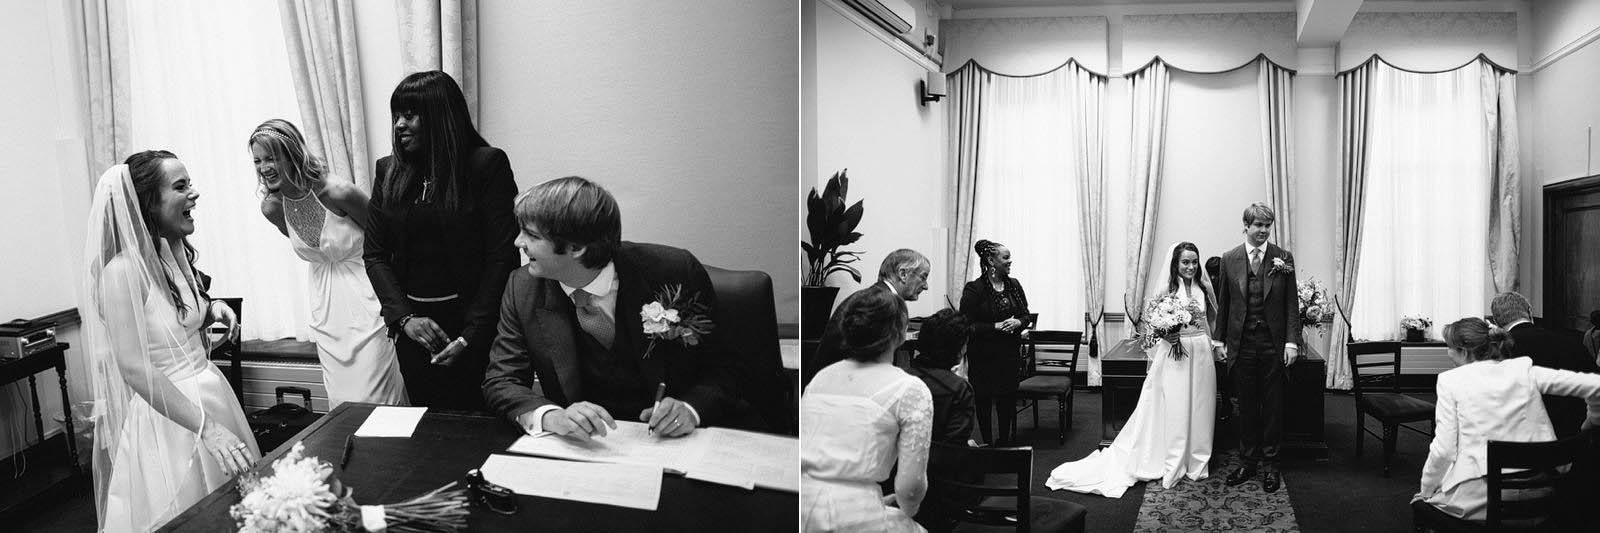 weddings in Islington